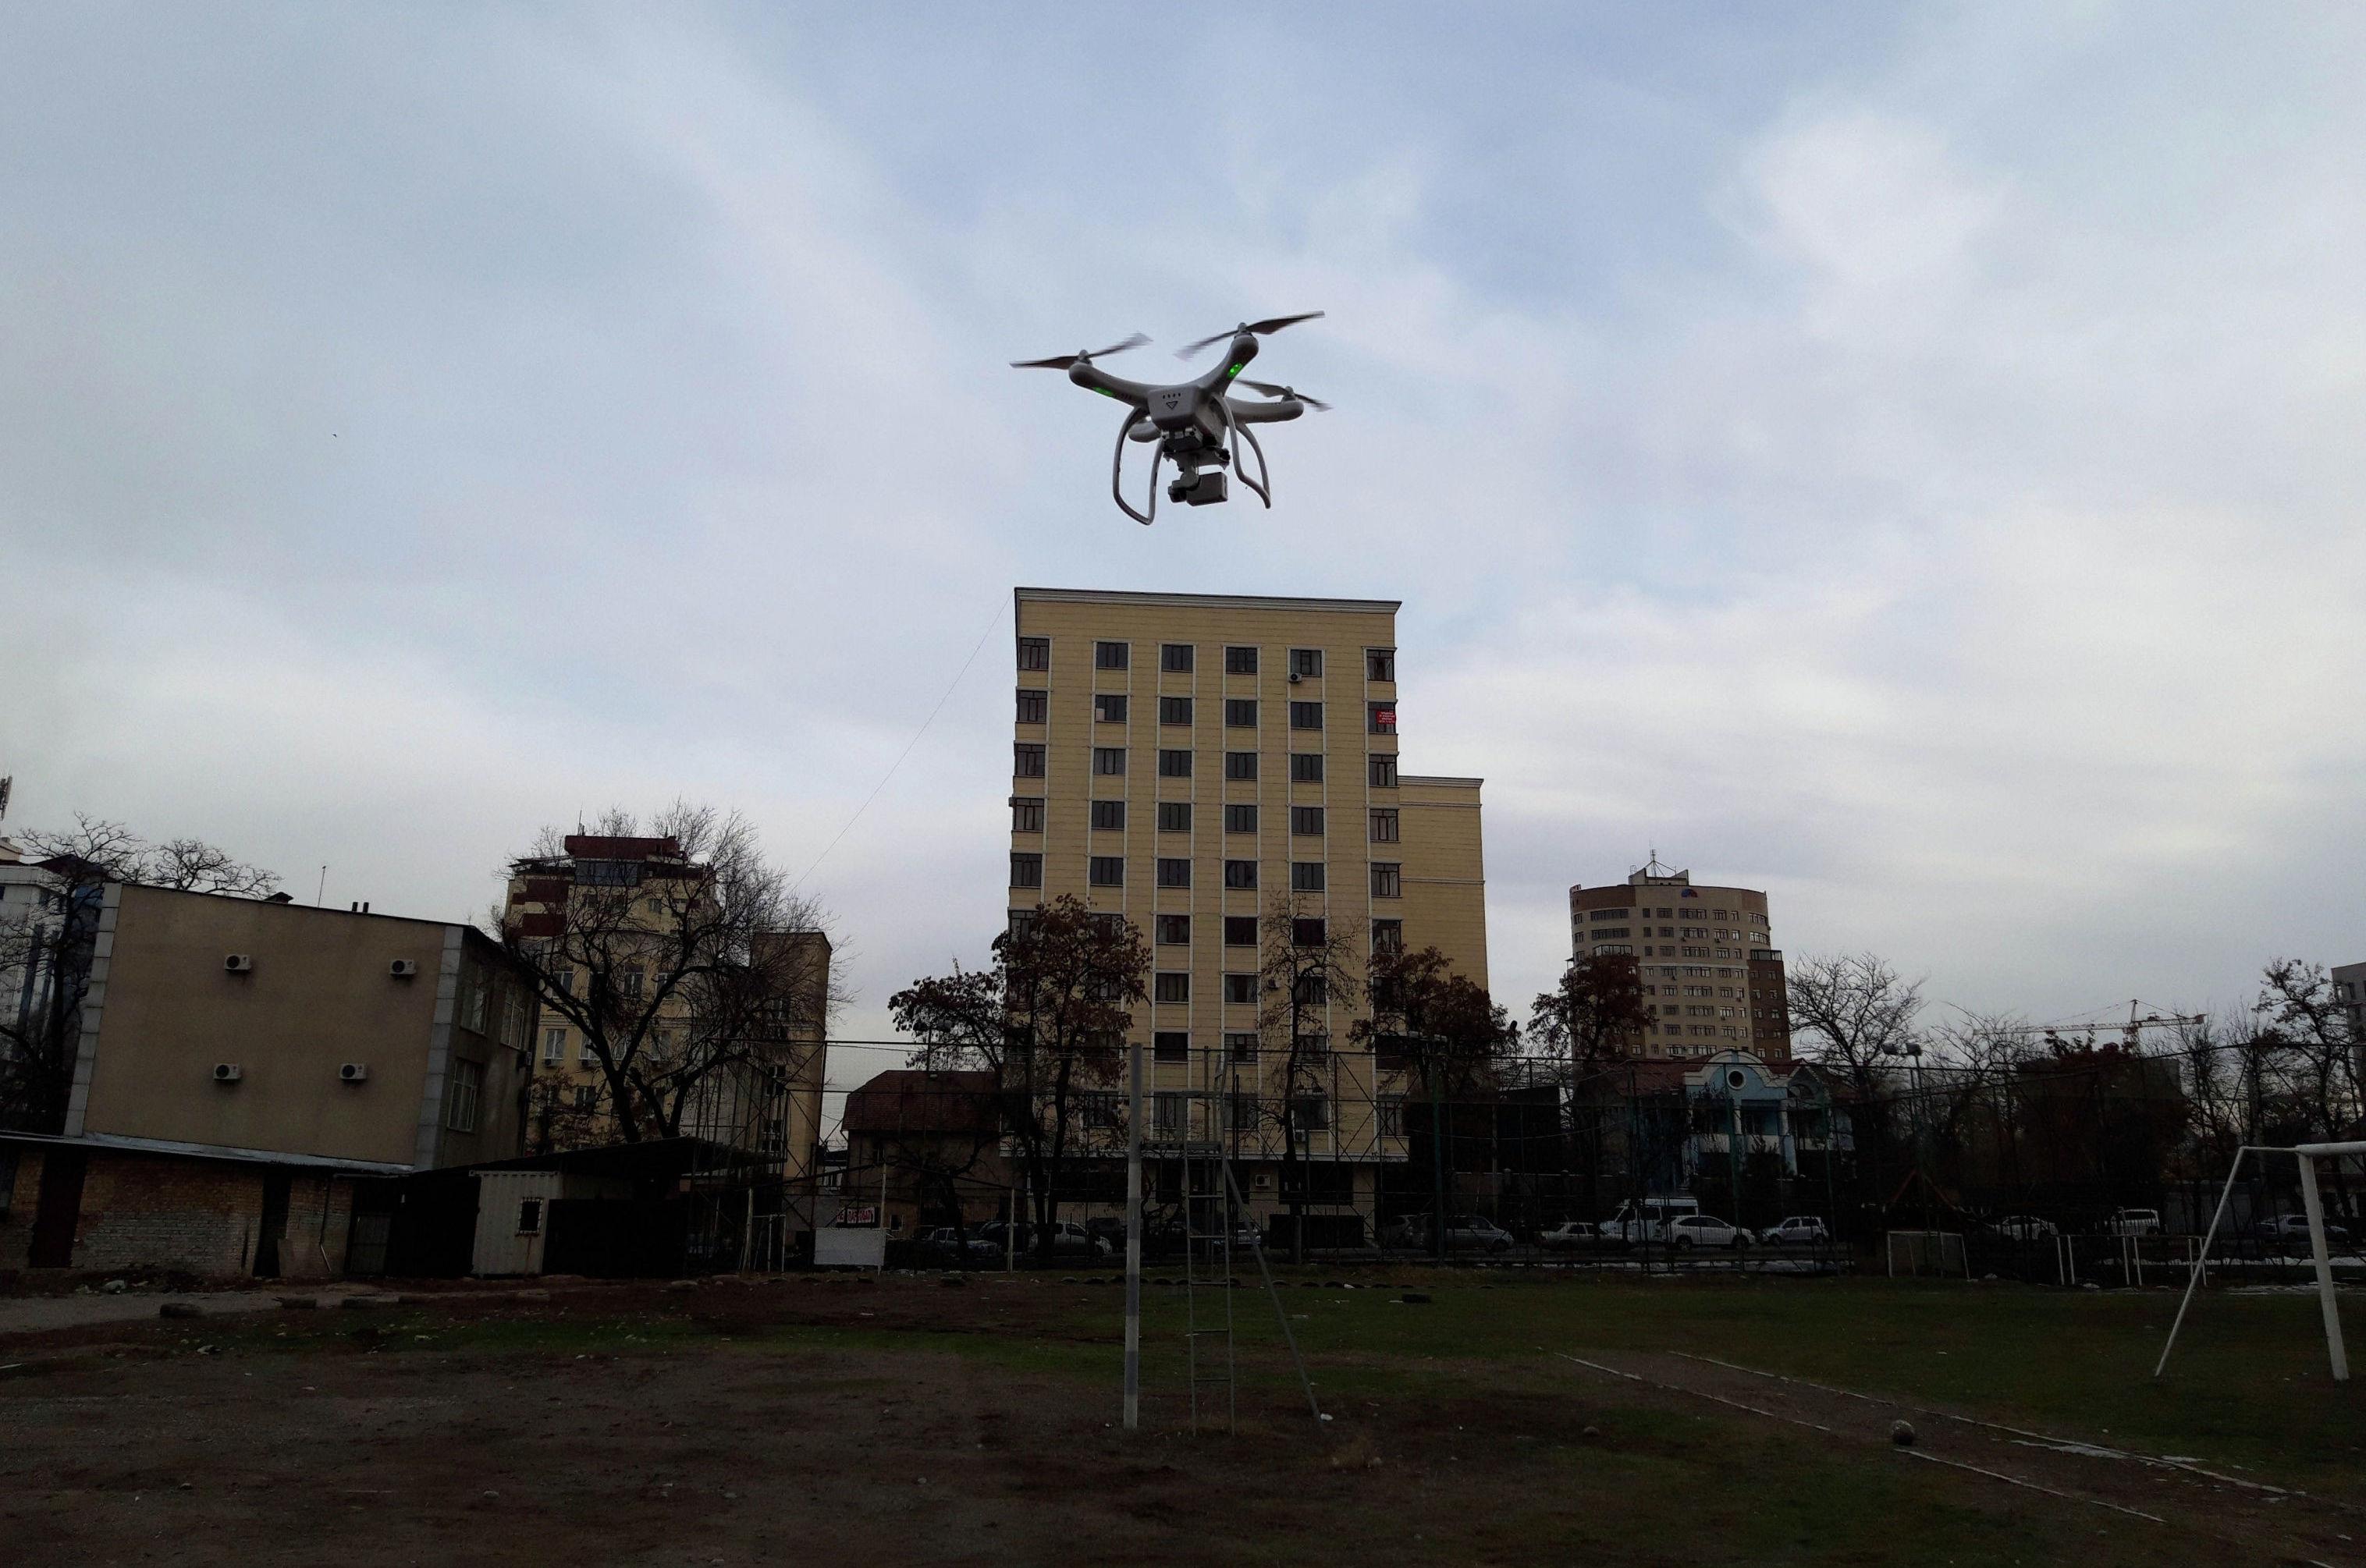 Проведены замеры атмосферного воздуха в некоторых районах Бишкека с помощью дронов и специальных пылемерных аппаратов